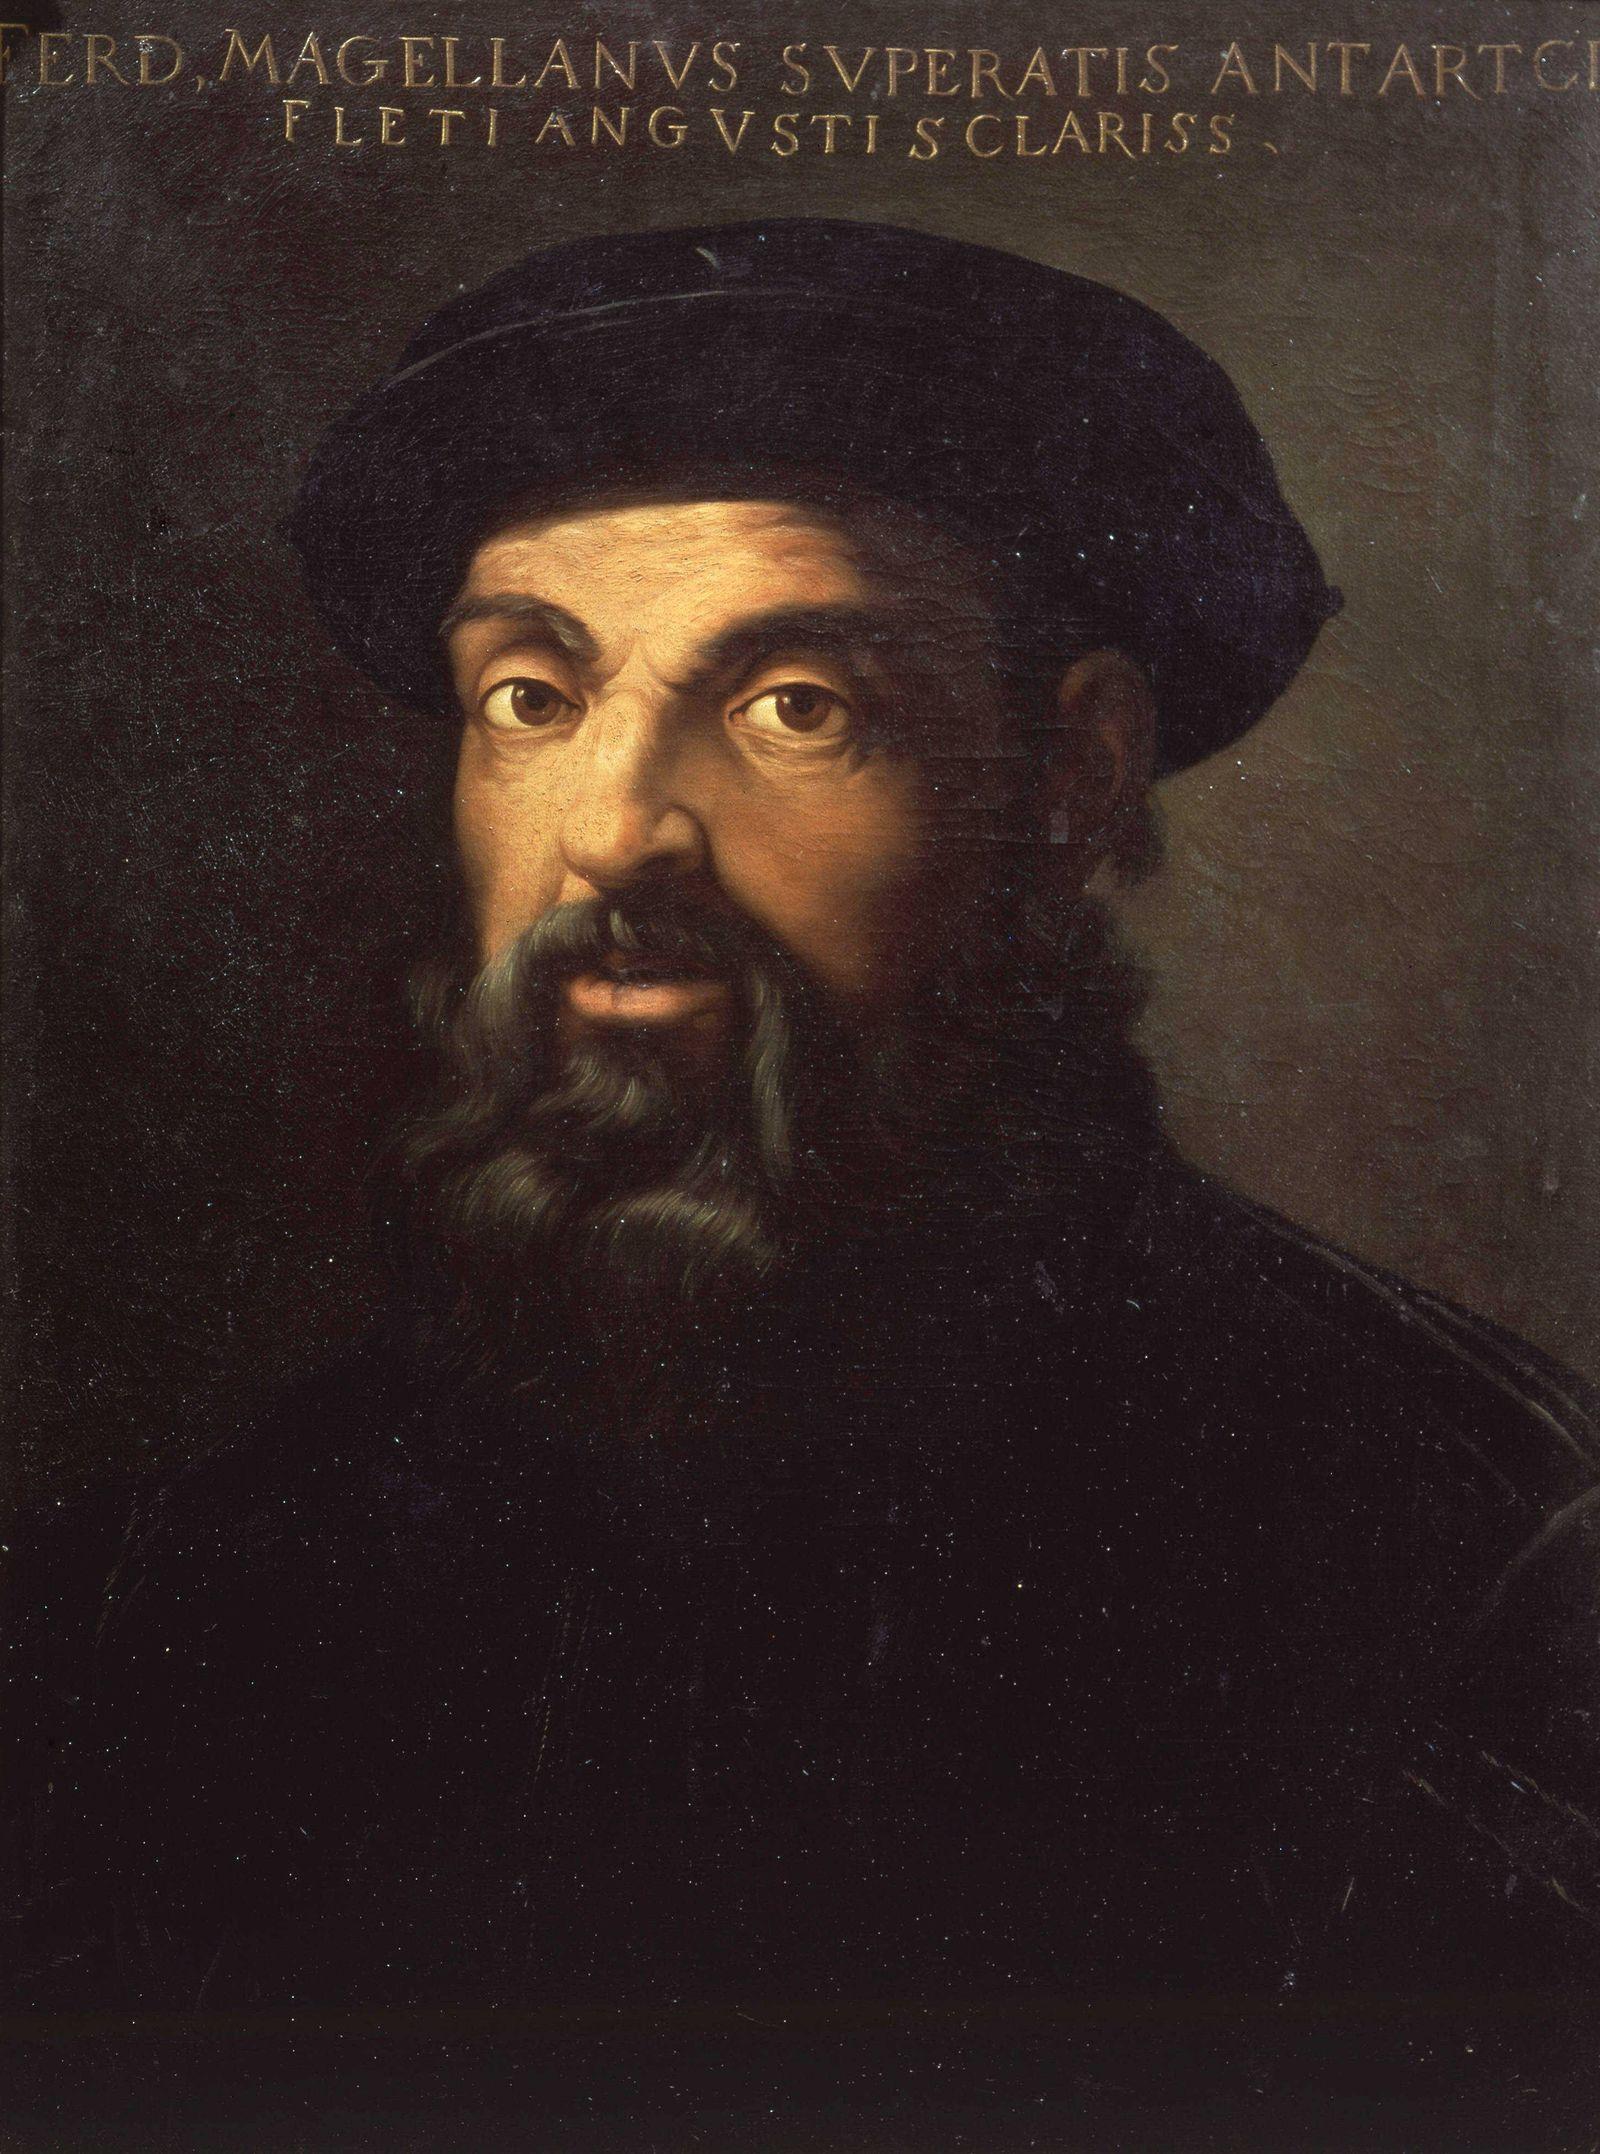 Portrait de Magellan - MusÈe Municipal de SÈville !AUFNAHMEDATUM GESCH?TZT! PUBLICATIONxINxGERxSUIxAUTxHUNxONLY COS0010